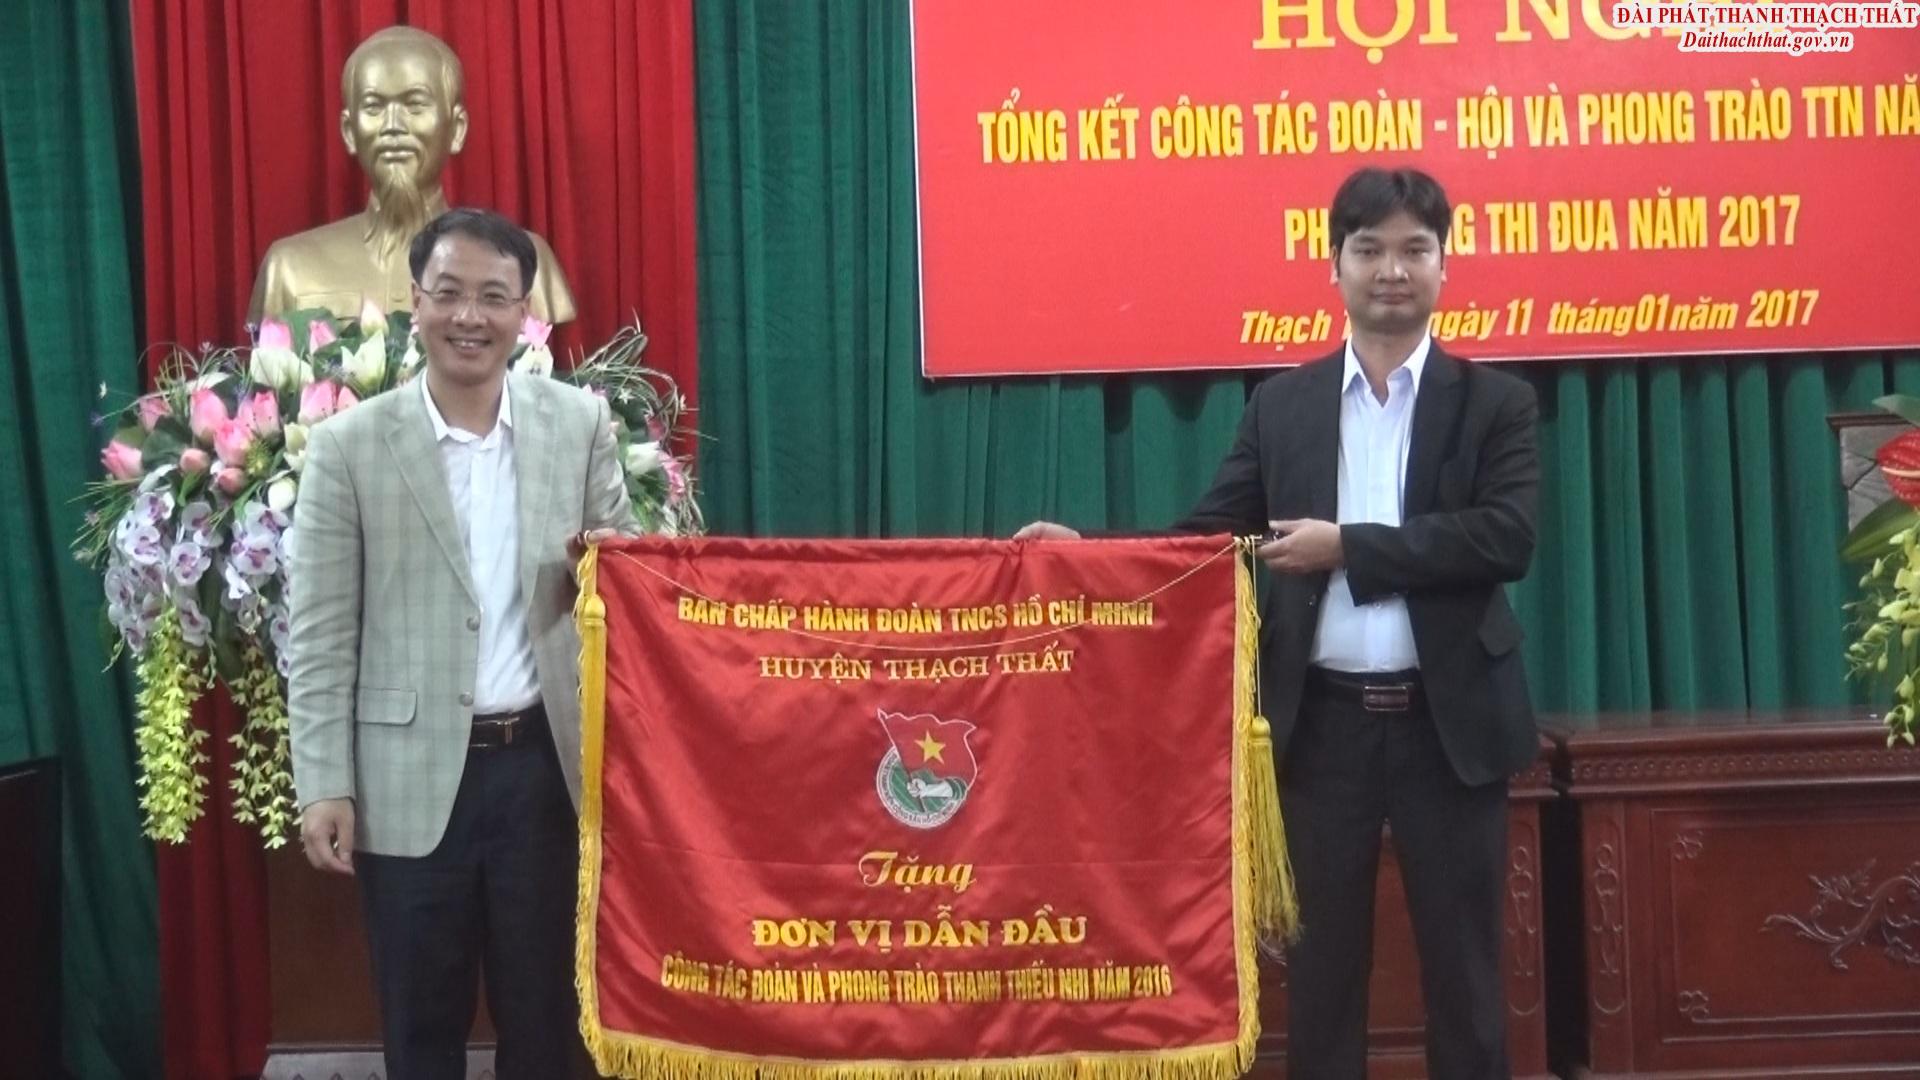 Huyện đoàn Thạch Thất tổng kết công tác hội và phong trào thanh thiếu nhi năm 2016